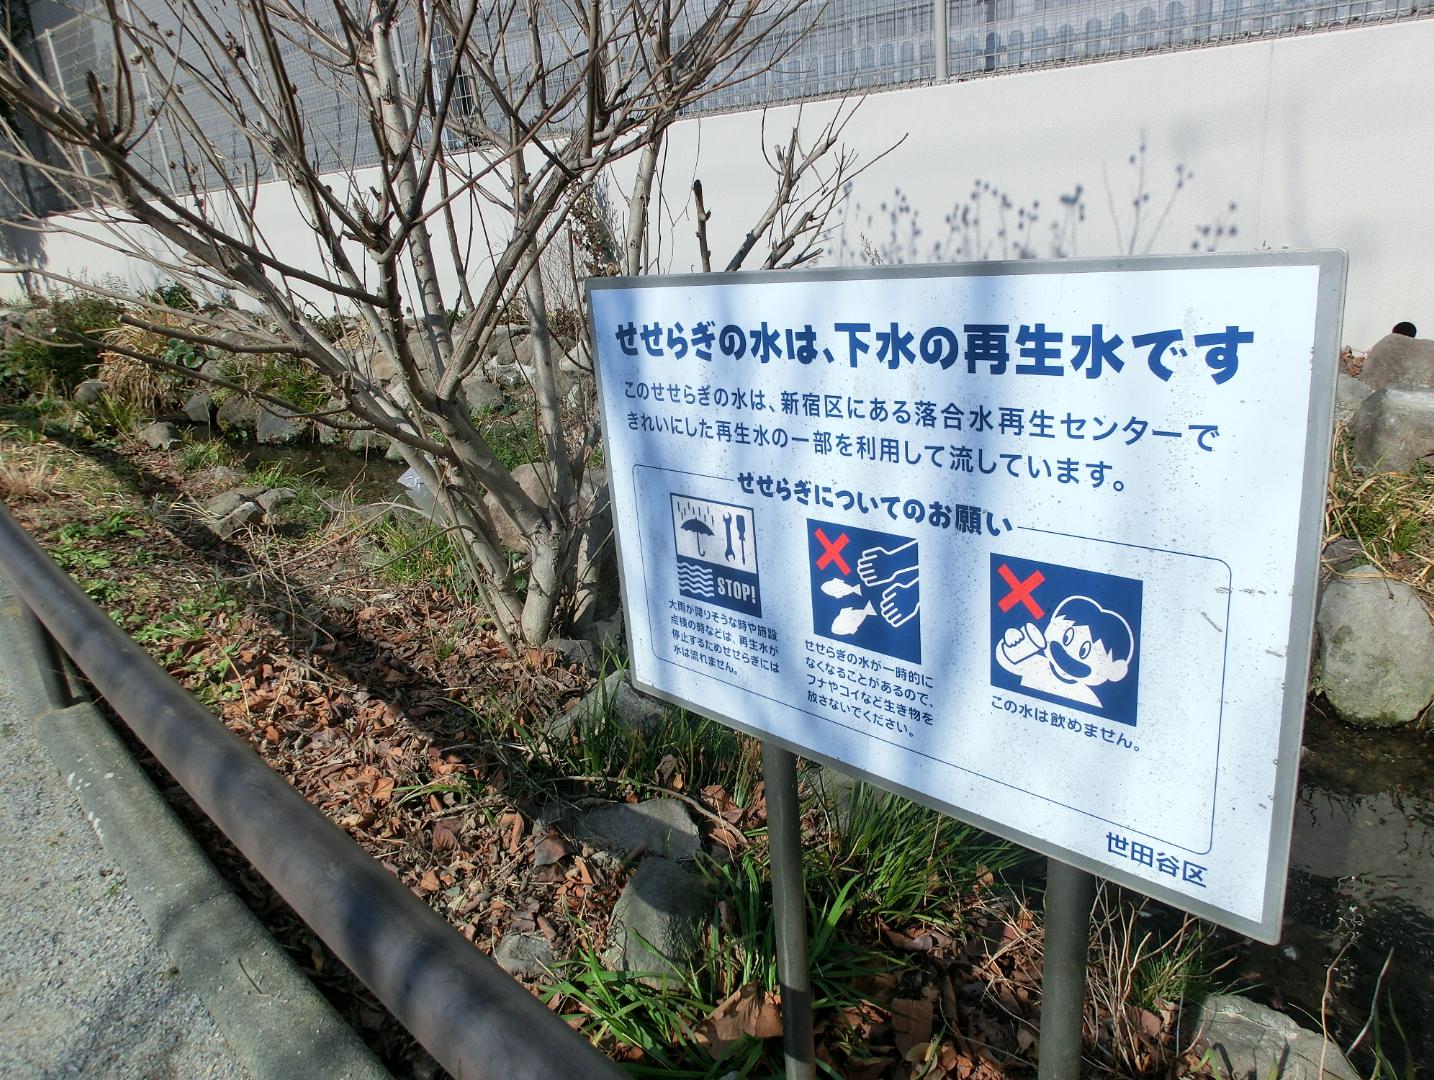 北沢川緑道のせせらぎ3 代田・代沢散策4